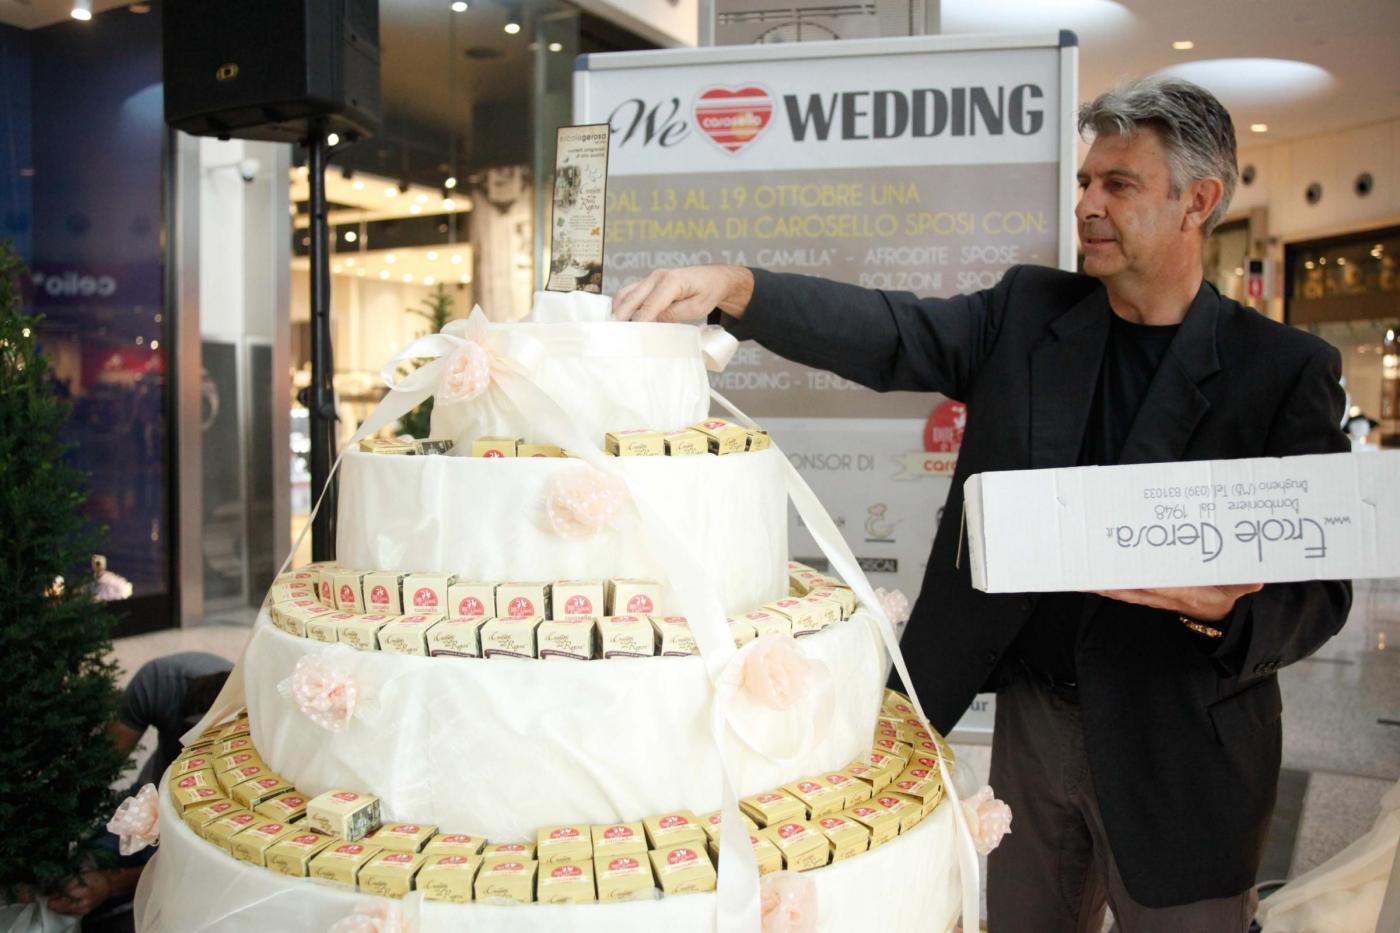 Si sposano nel centro commerciale del primo incontro: è la prima volta in Italia24